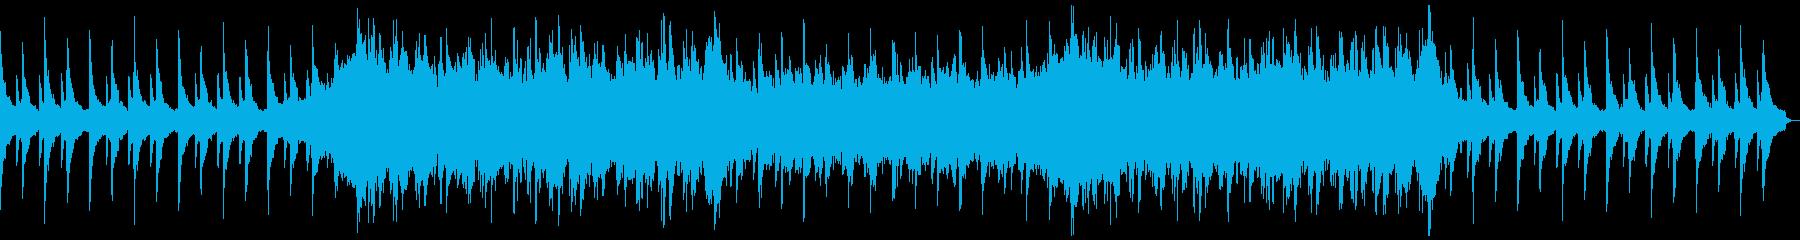 ピアノメインの感動的な場面で使えるBGMの再生済みの波形